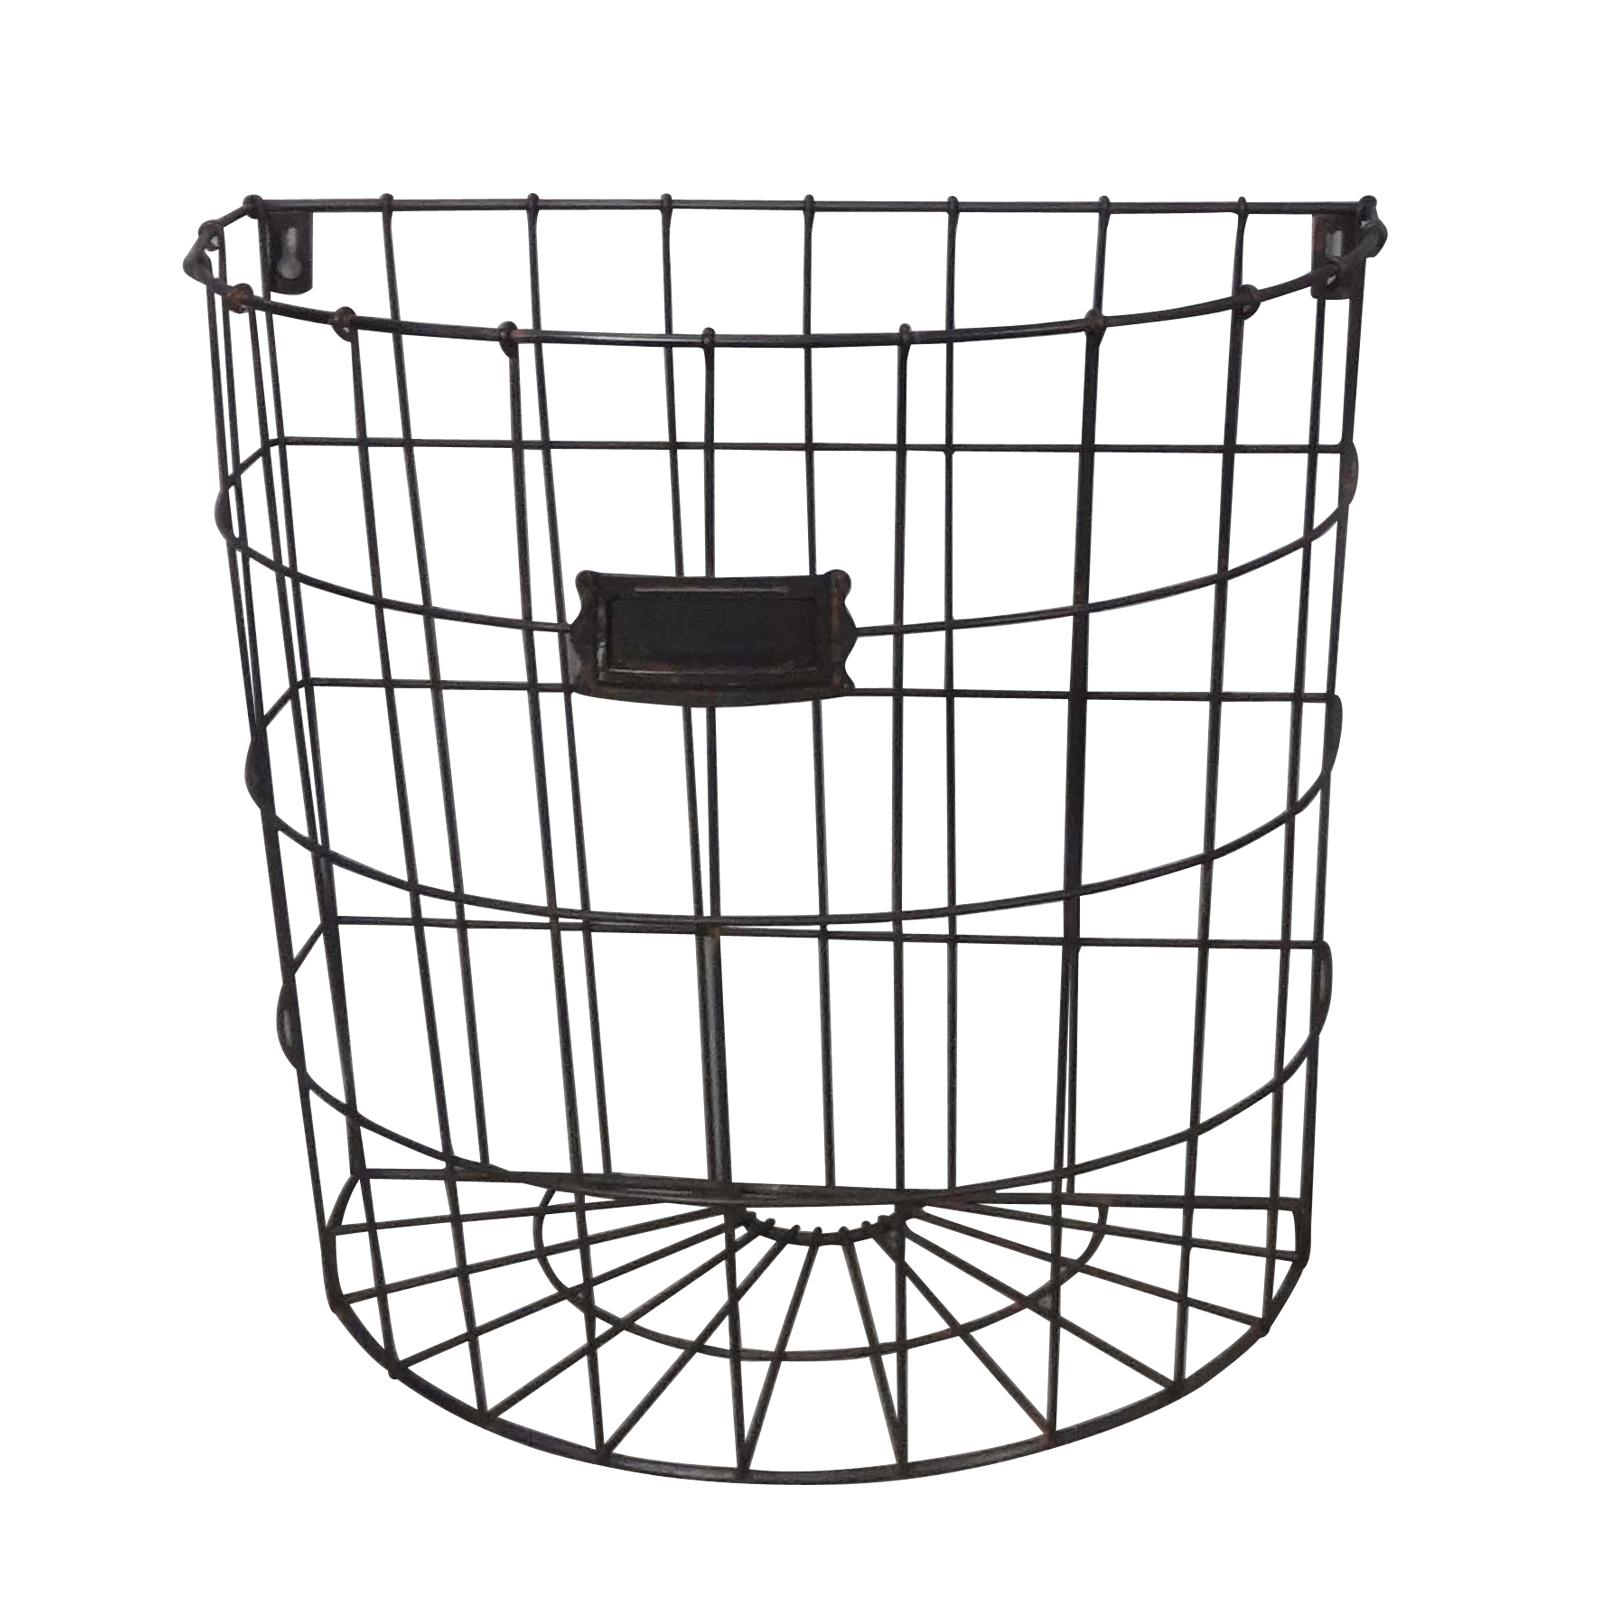 Buy the black large wire basket farmington by studio décor® at michaels